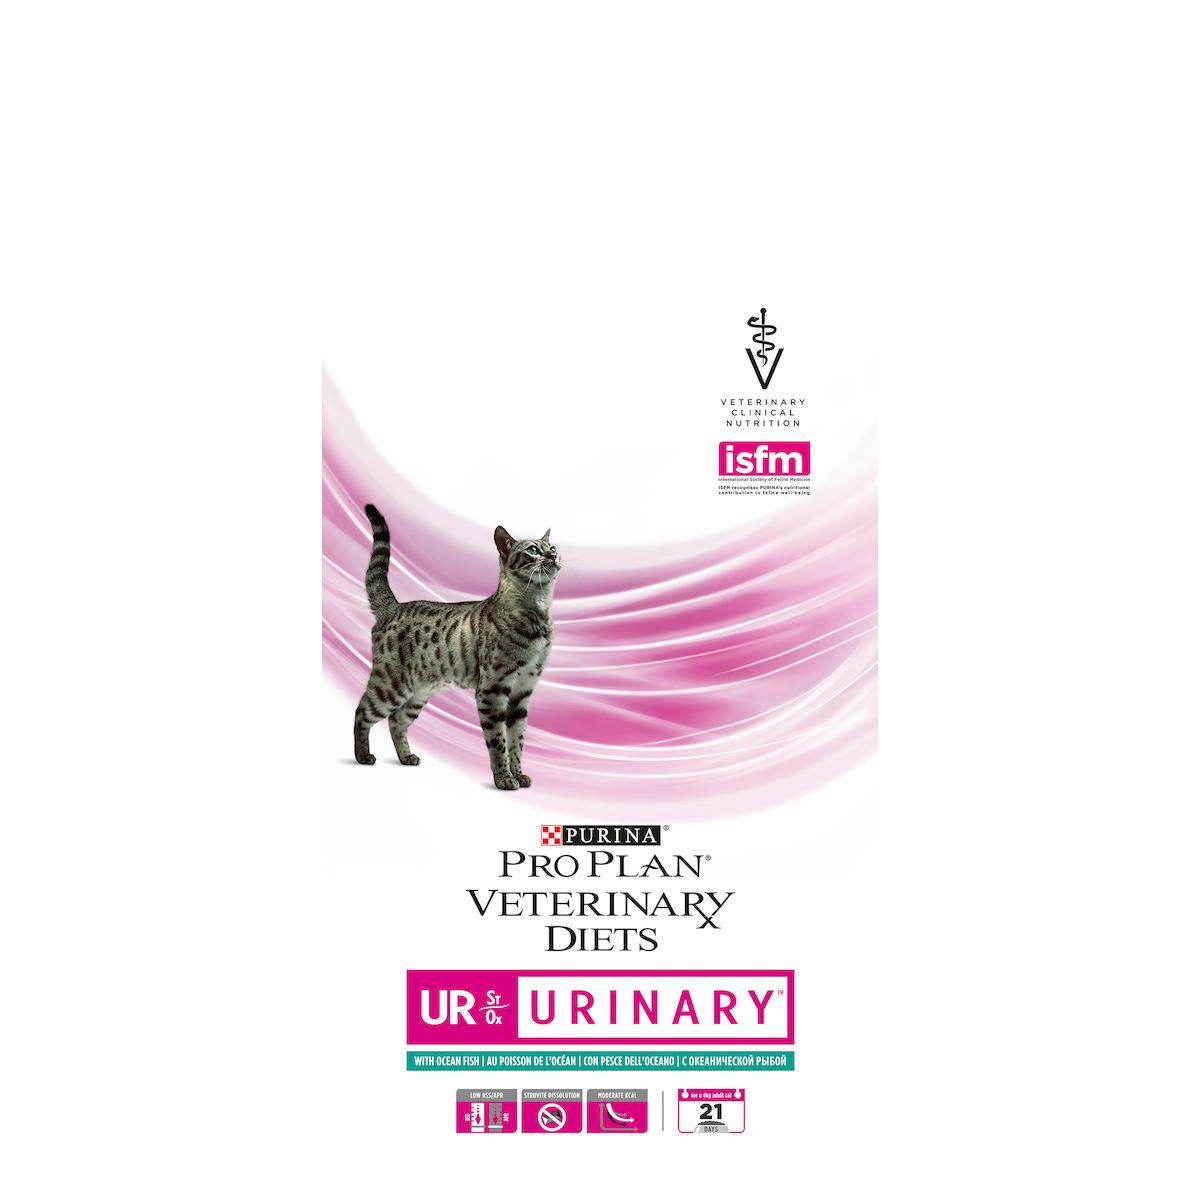 Проплан Ветеринарная Диета Для Кошек Отзывы